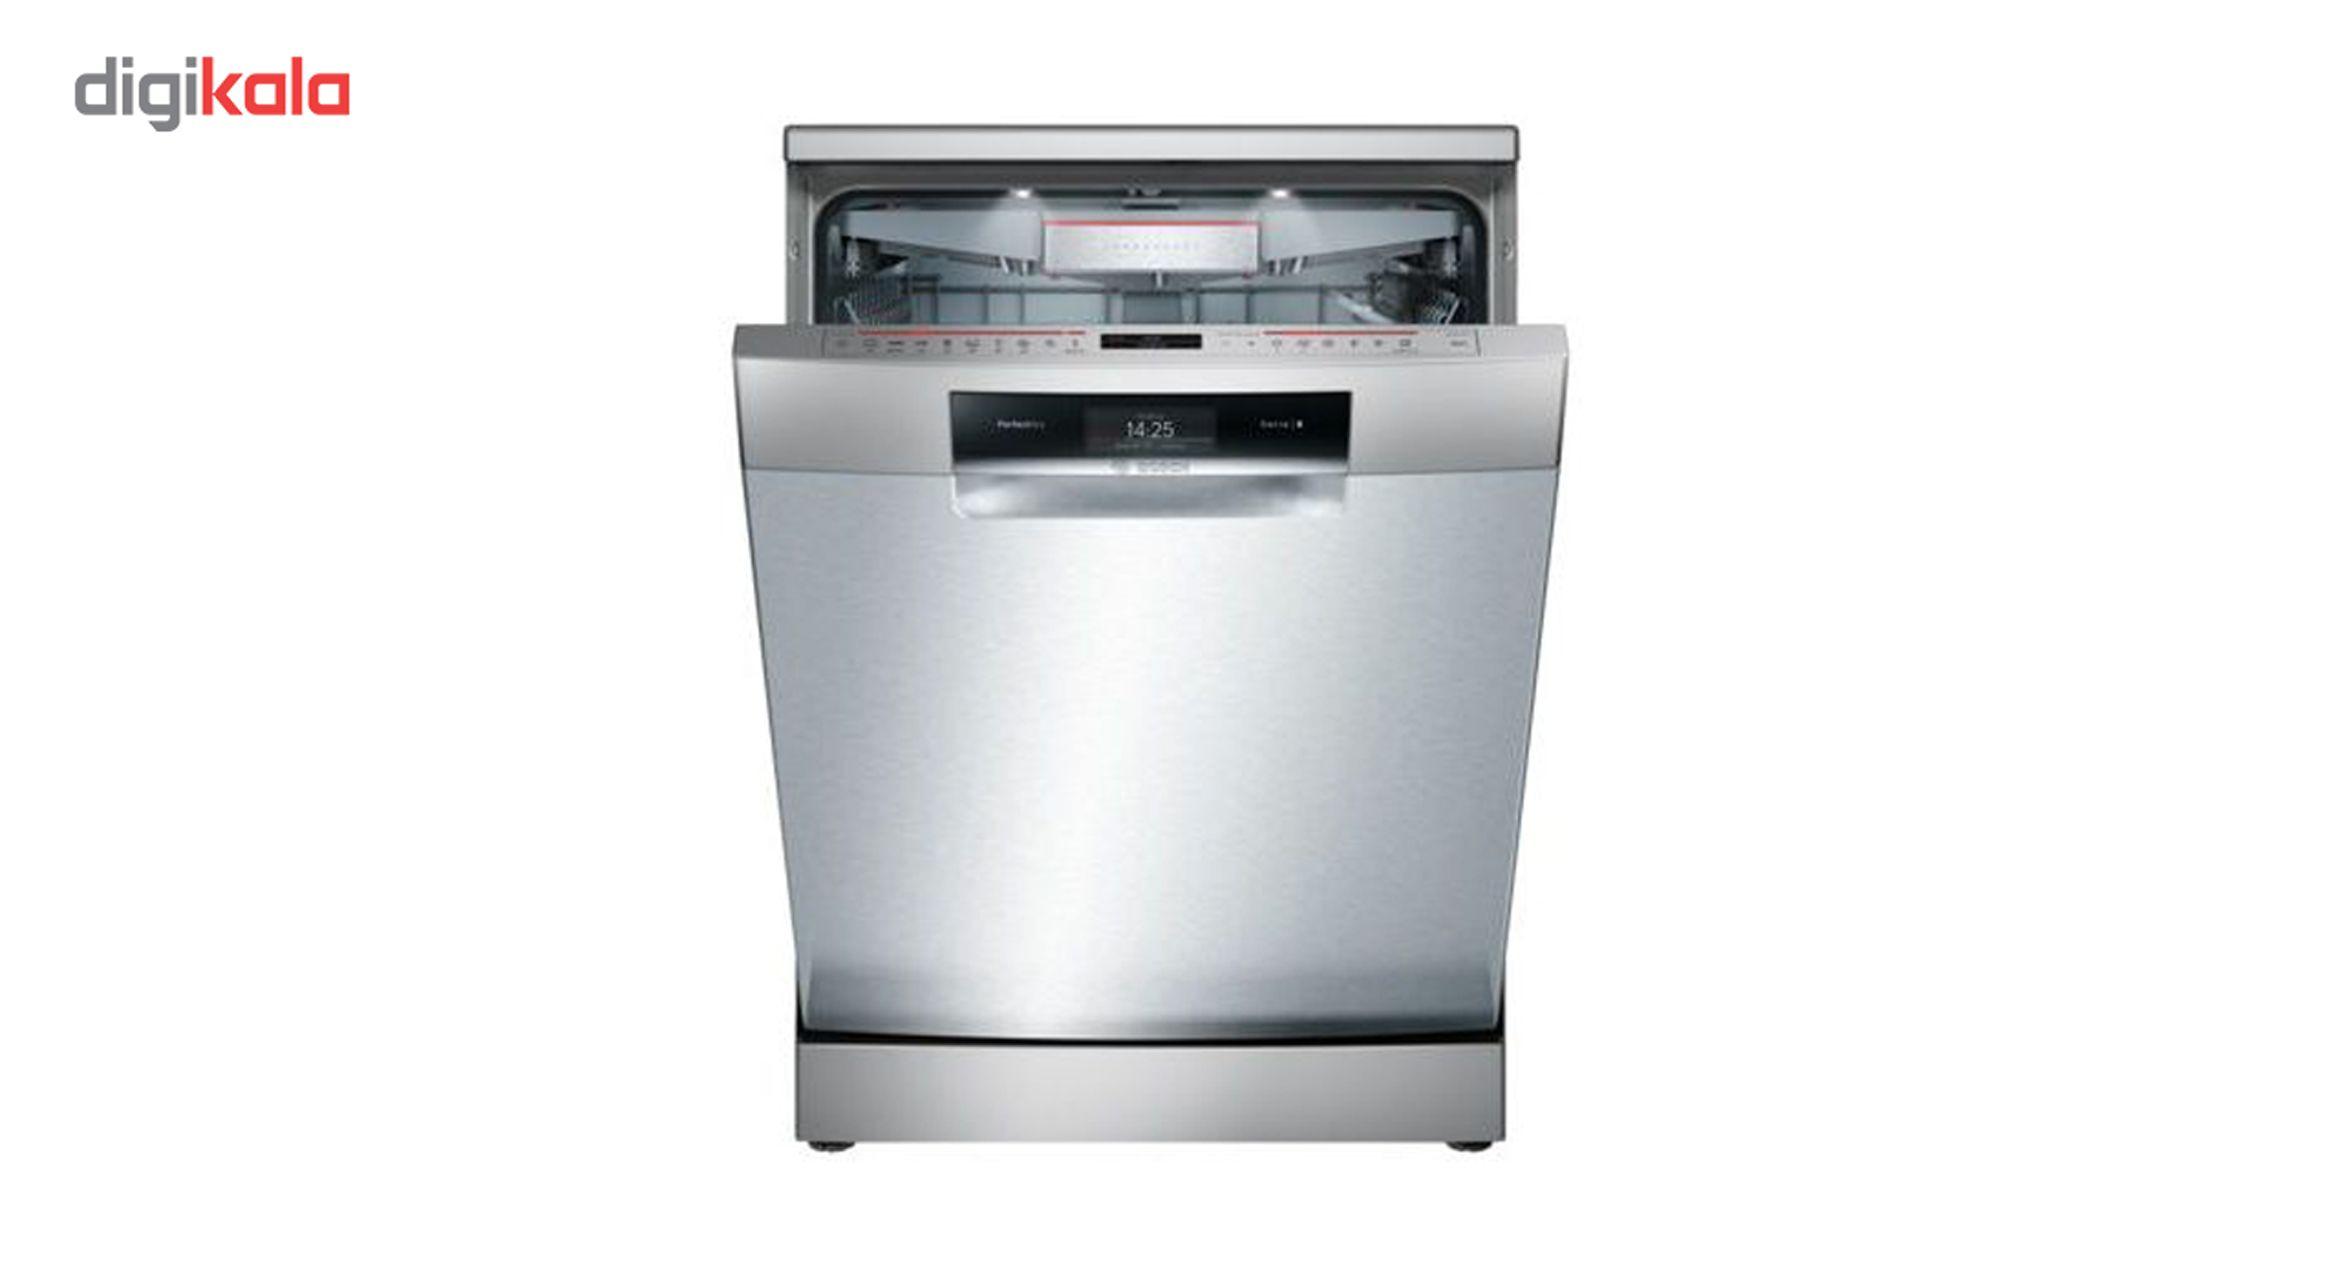 ماشین ظرفشویی بوش مدل SMS88TI36E  Bosch SMS88TI36E Dishwasher